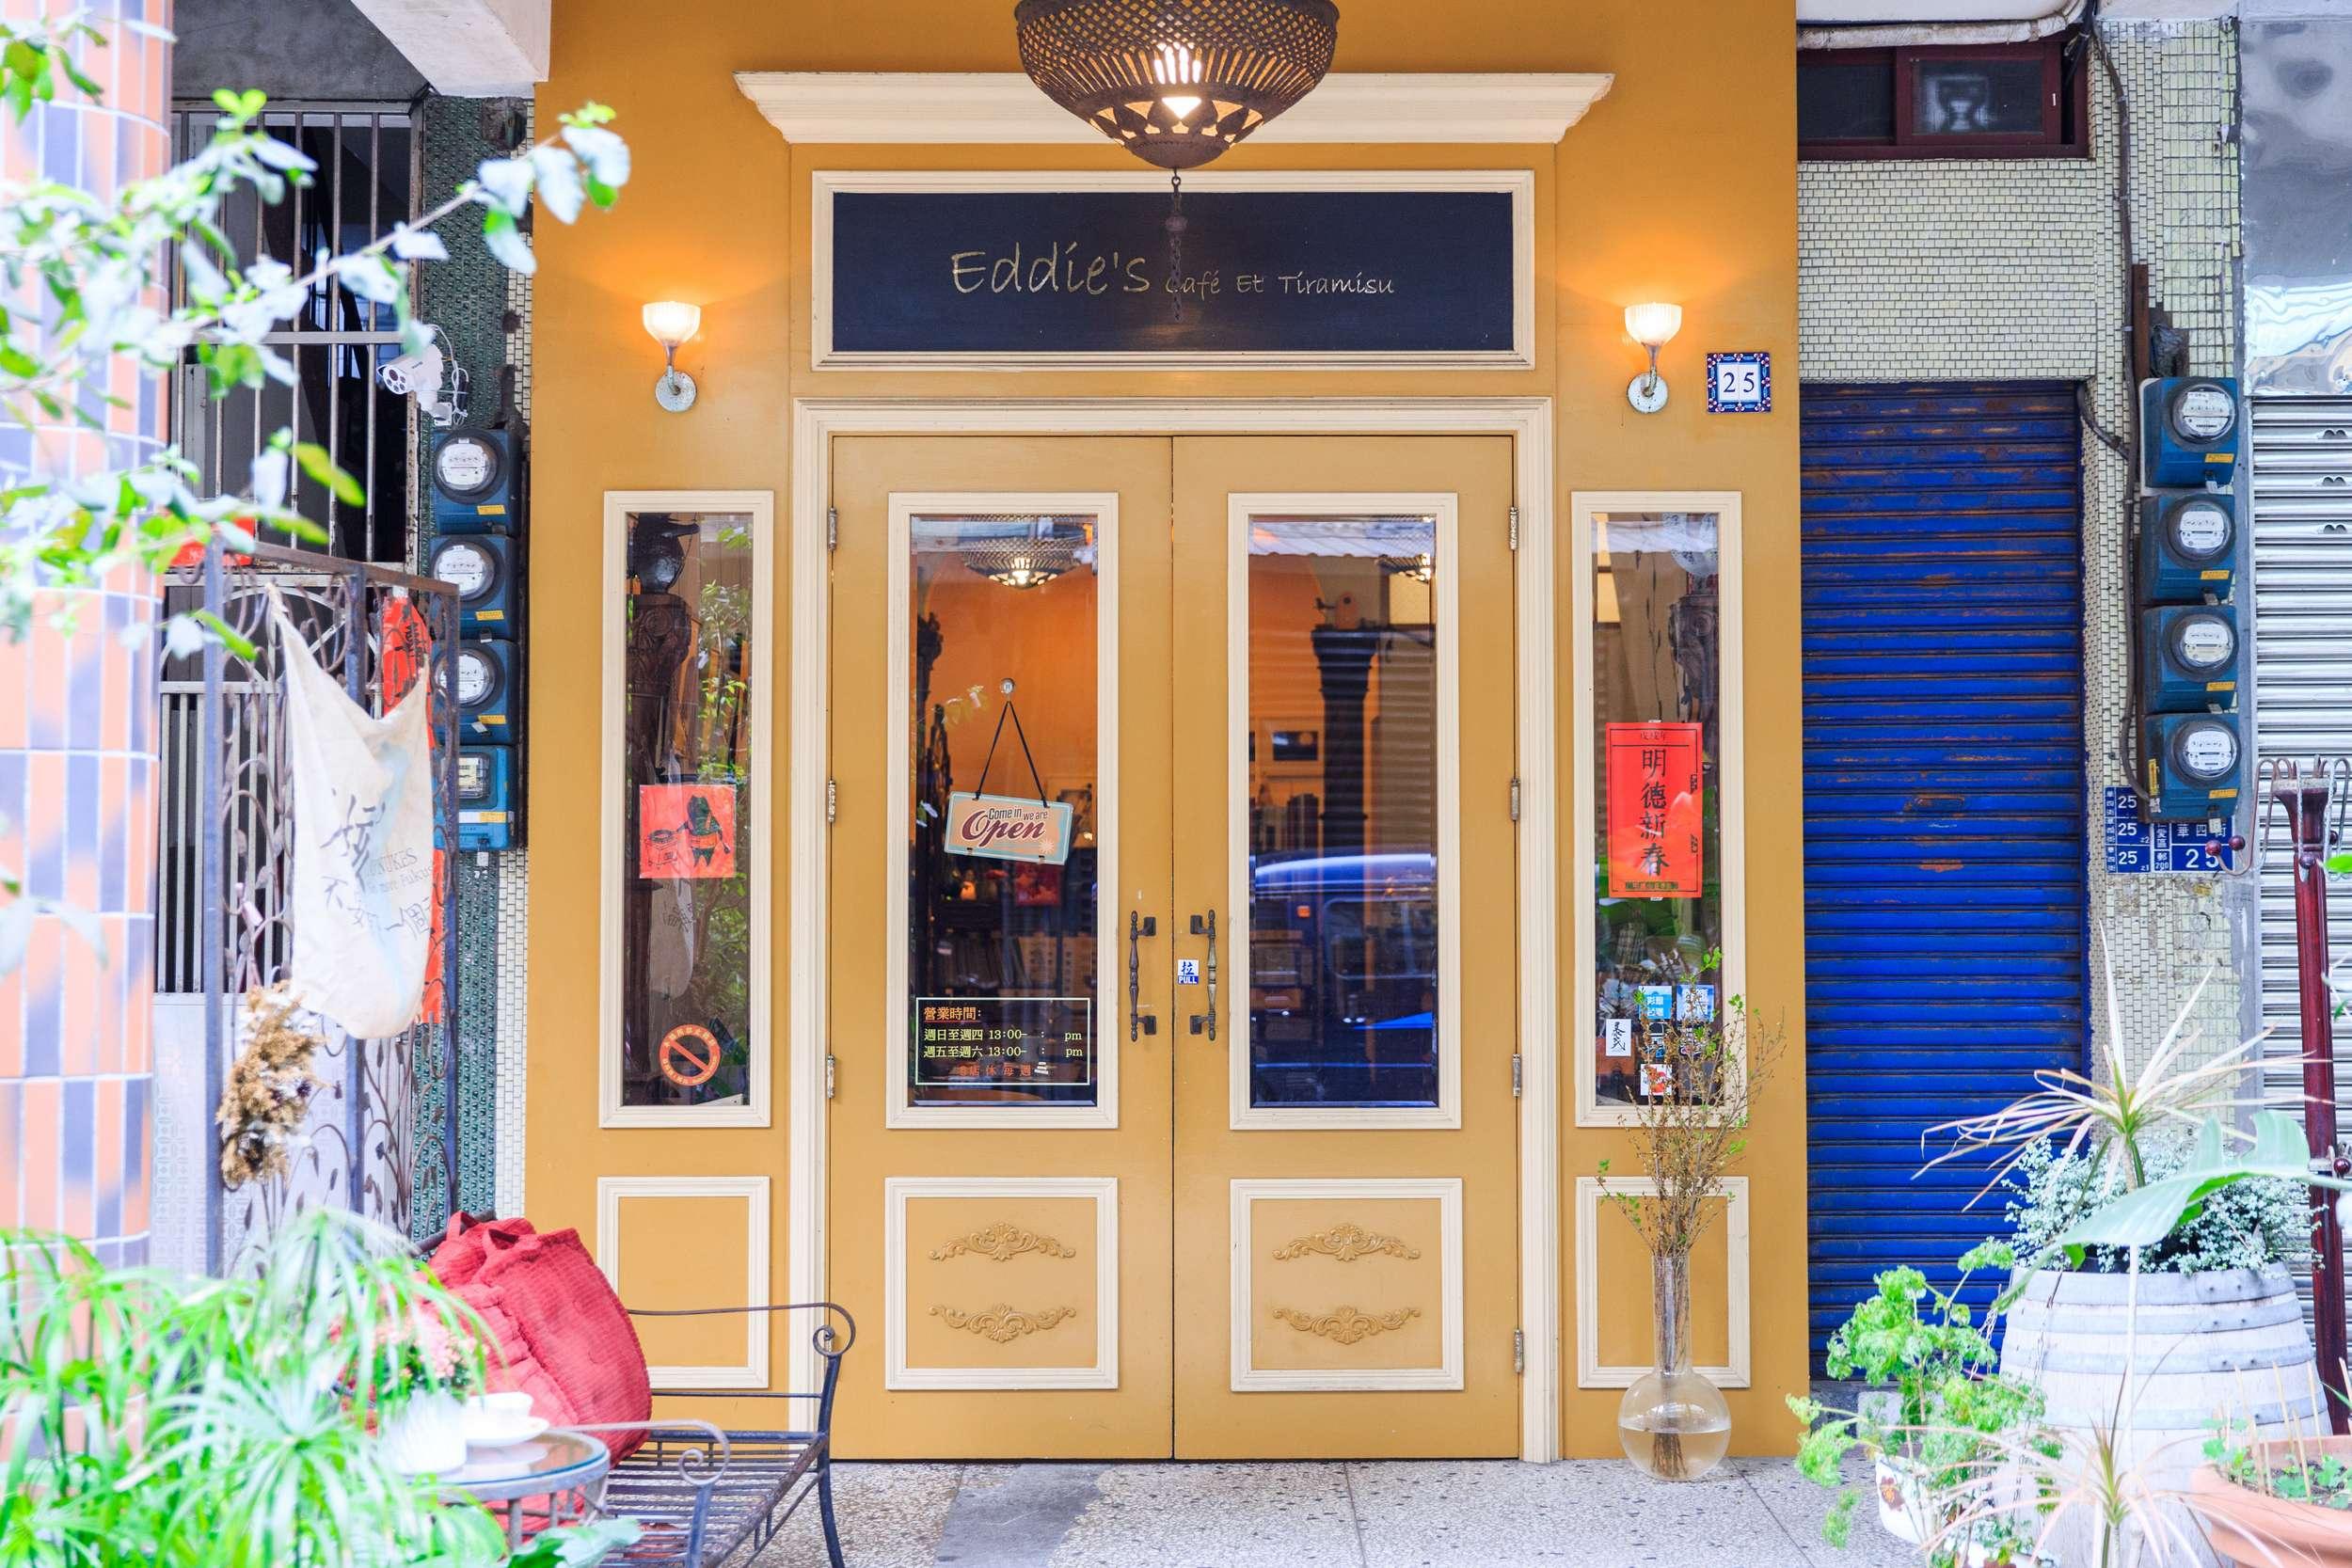 老基隆故事|日常地景的新生—Eddie's cafe Et Tiramisu咖啡館